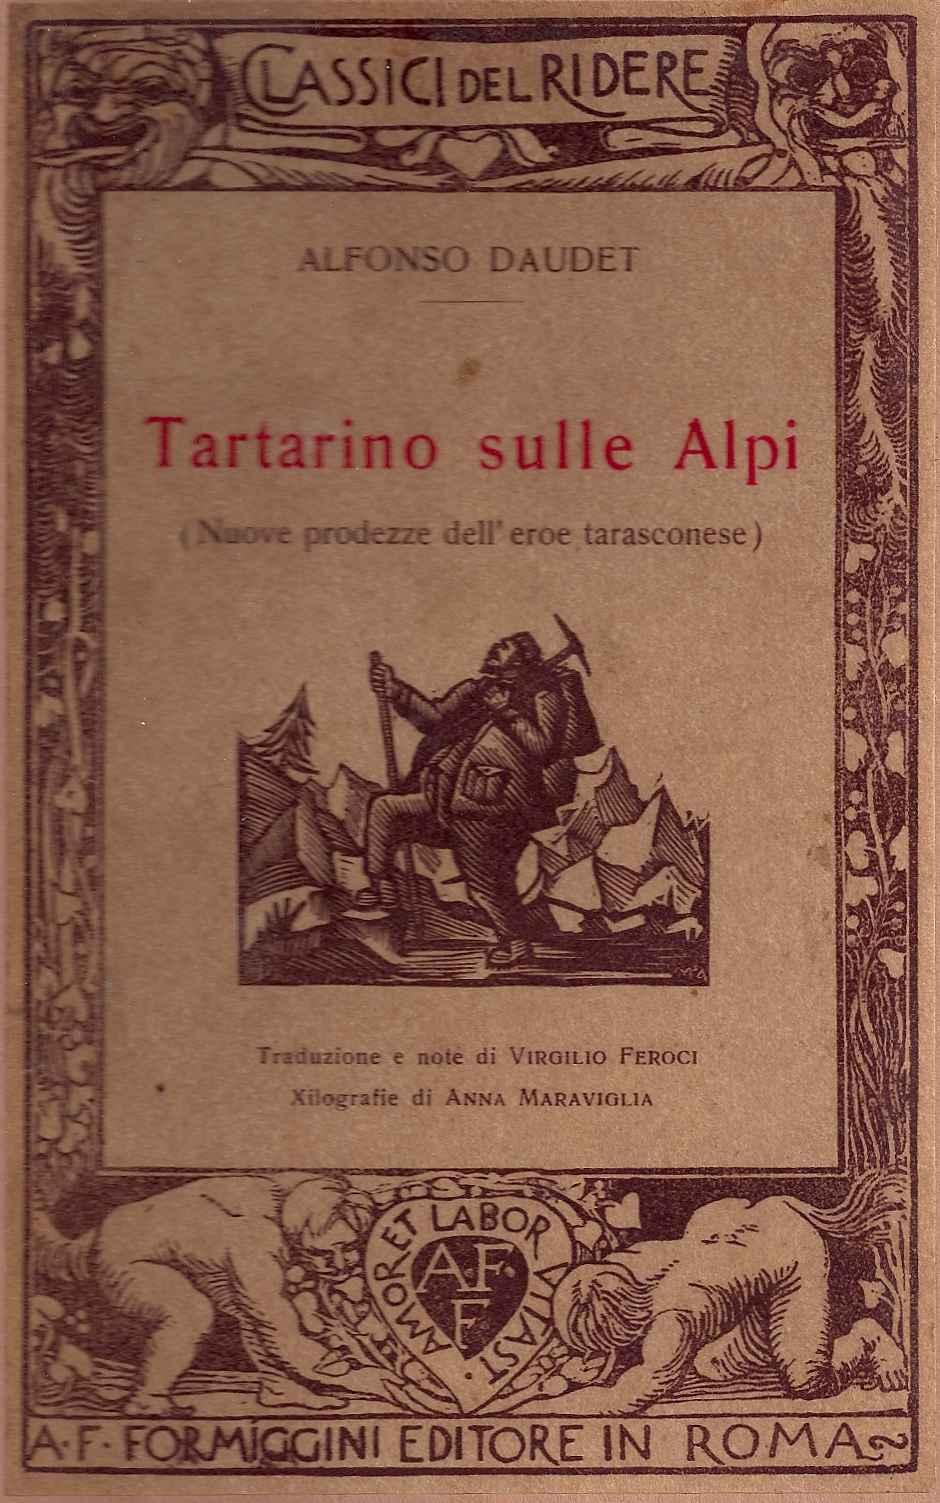 Tartarino sulle Alpi